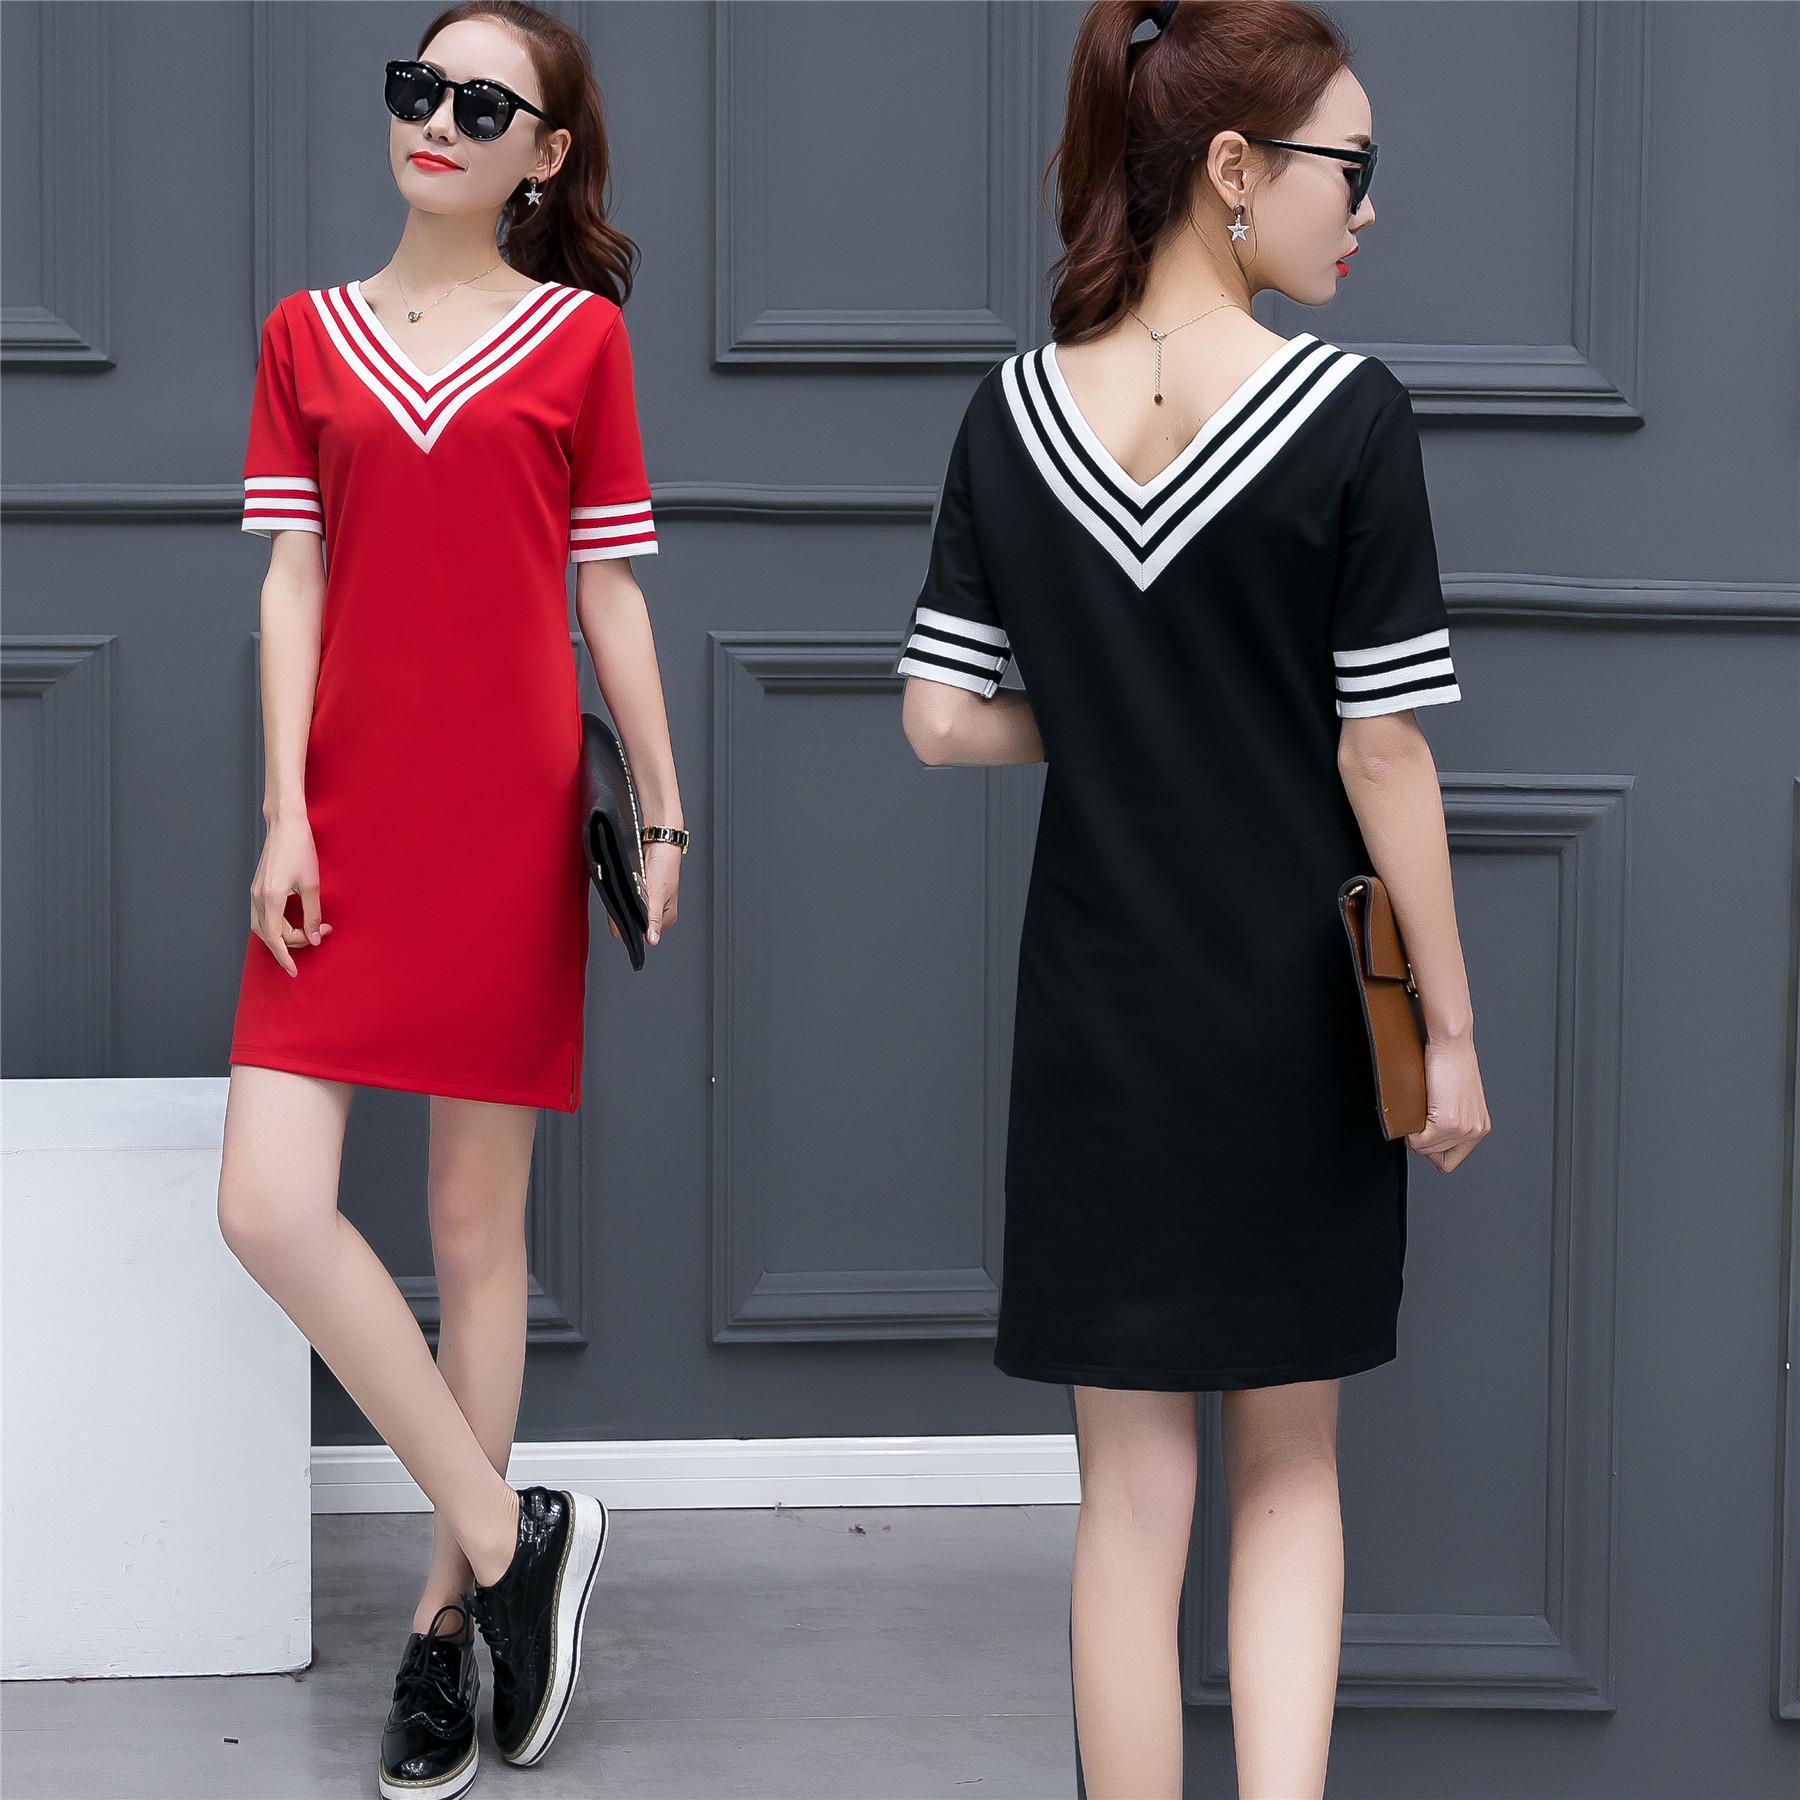 2017 frauen sommer rot gestreift plus größe 4xl nette mini koreanische beiläufige kleid weibliche pullover kurzarm solide hemd kleider